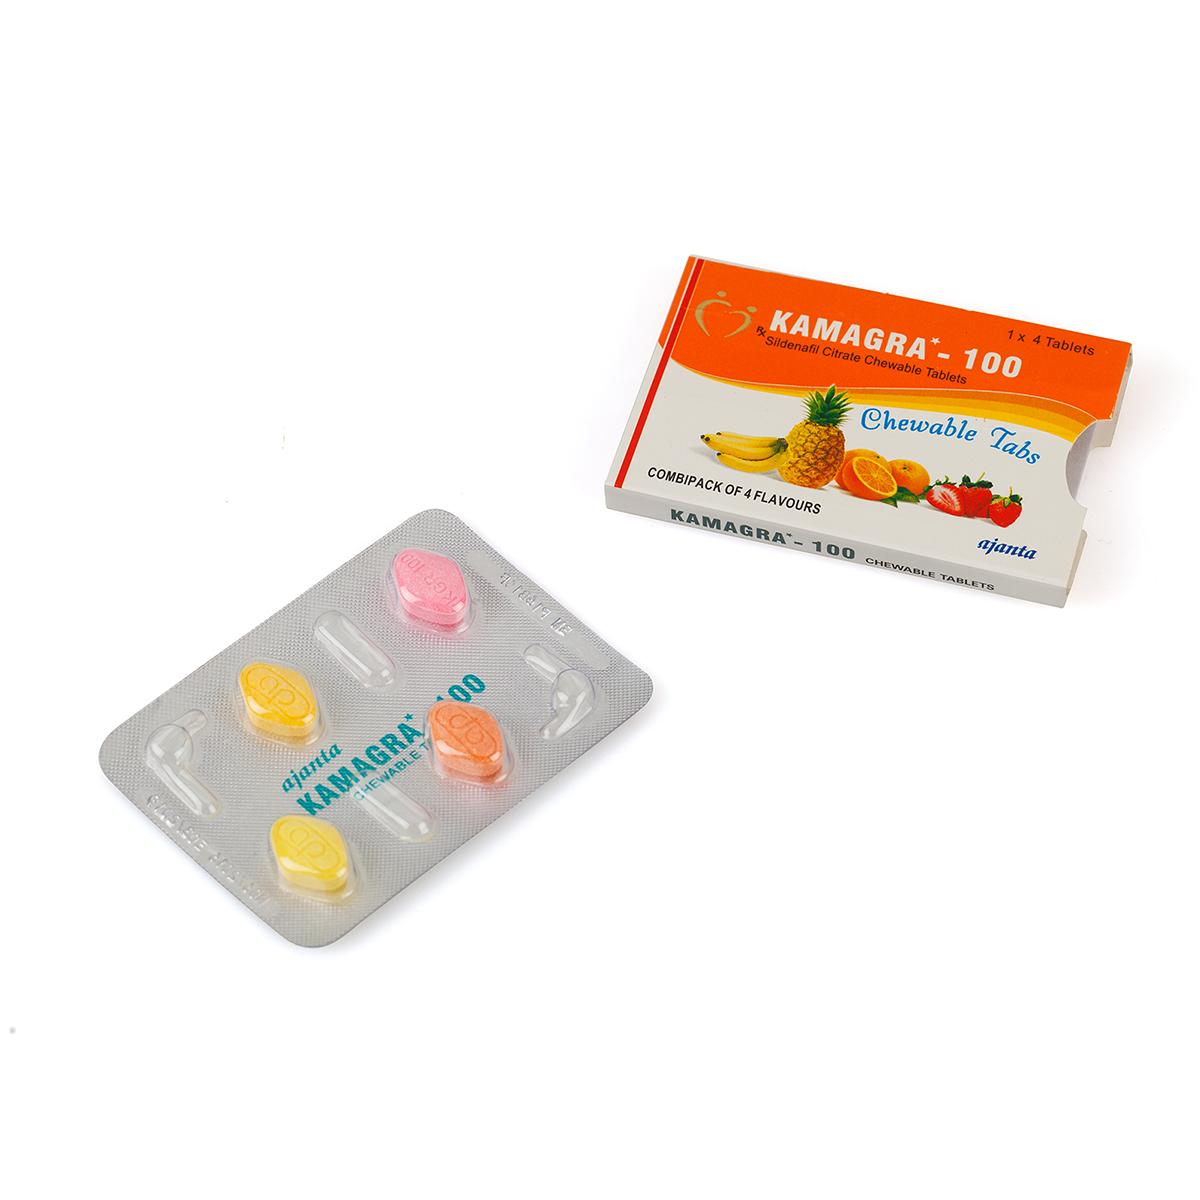 Kamagra Chewable & Soft / Дъвчащи меки таблетки Камагра – 4 табл. х 100 мг.